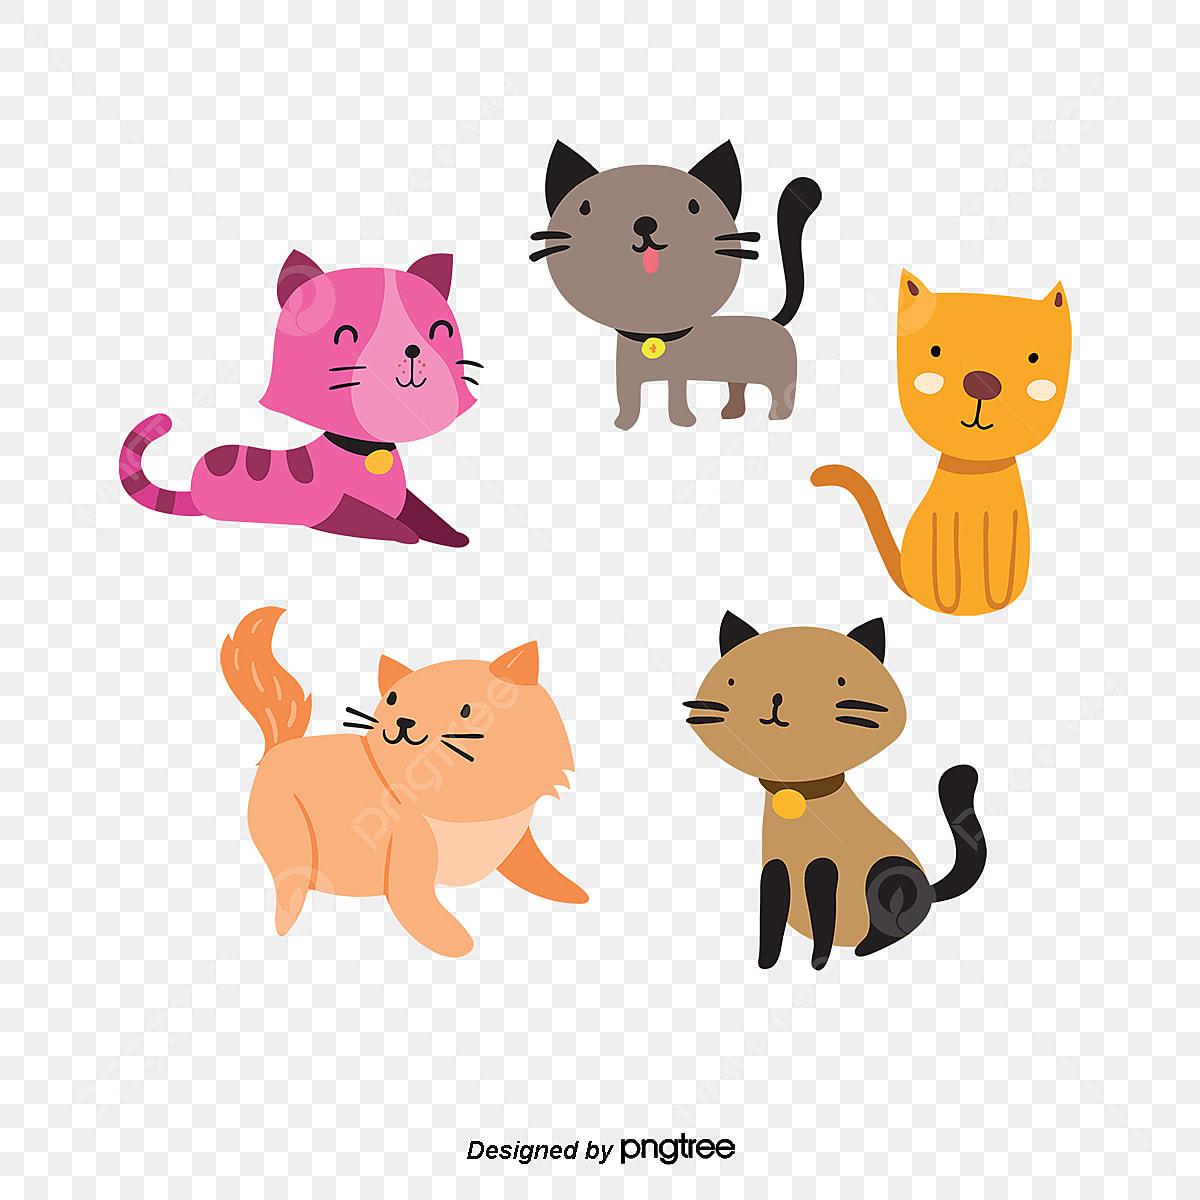 Gambar Kartun Kucing Boneka Yang Ditarik Tangan Ilustrasi